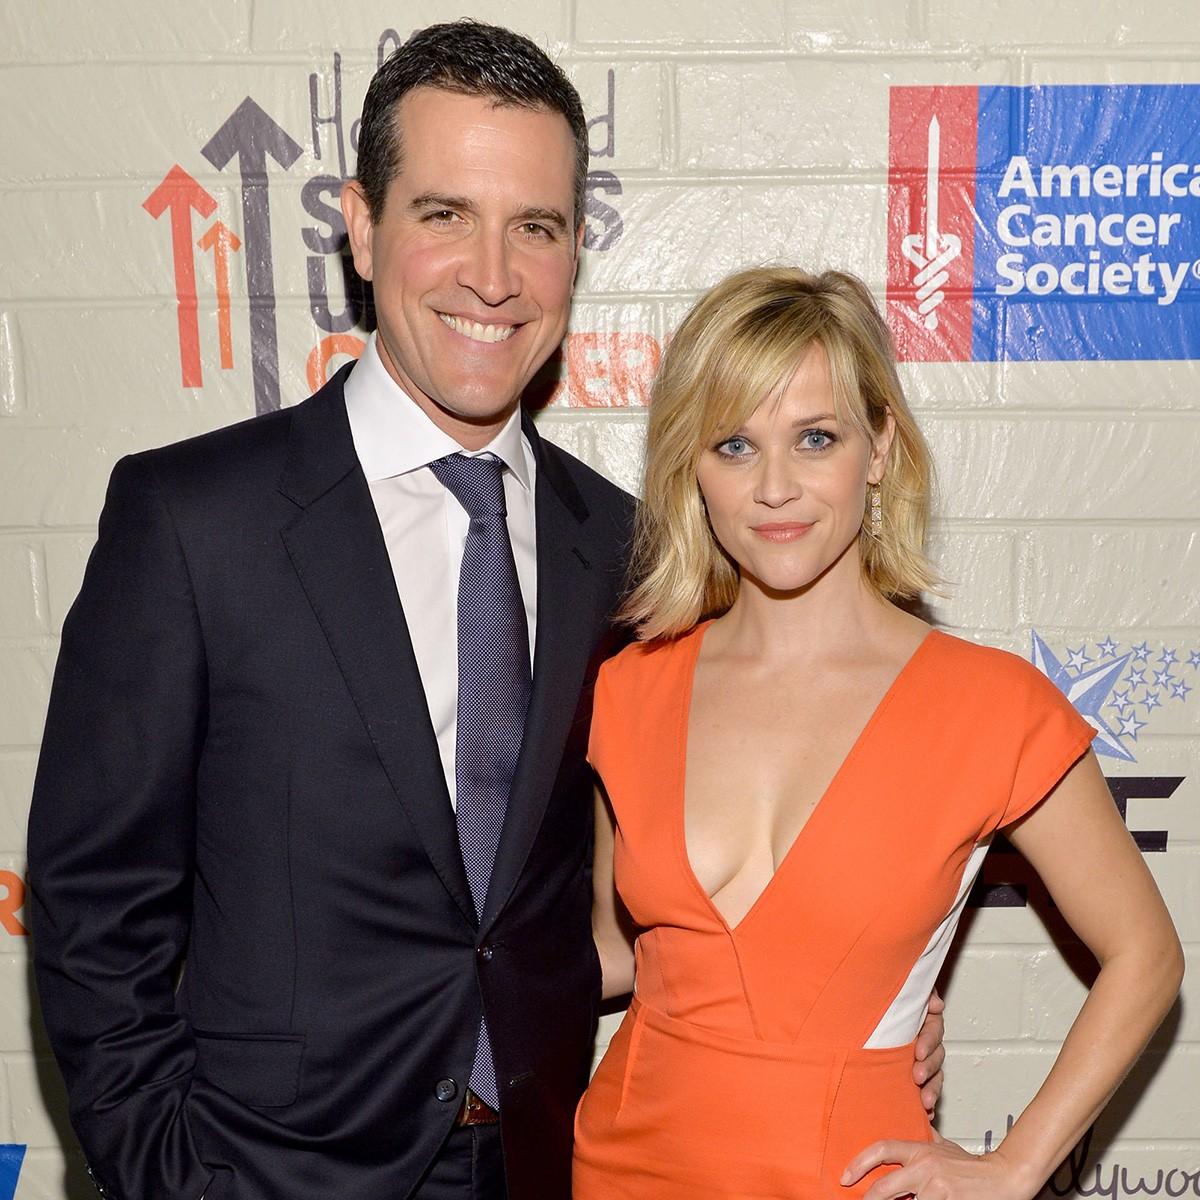 Reese Witherspoon teve dois filhos com nomes comuns antes de se casar com Jim Toth e batizar o caçula de Tennessee James em homenagem a seu estado natal (Foto: Getty Images)